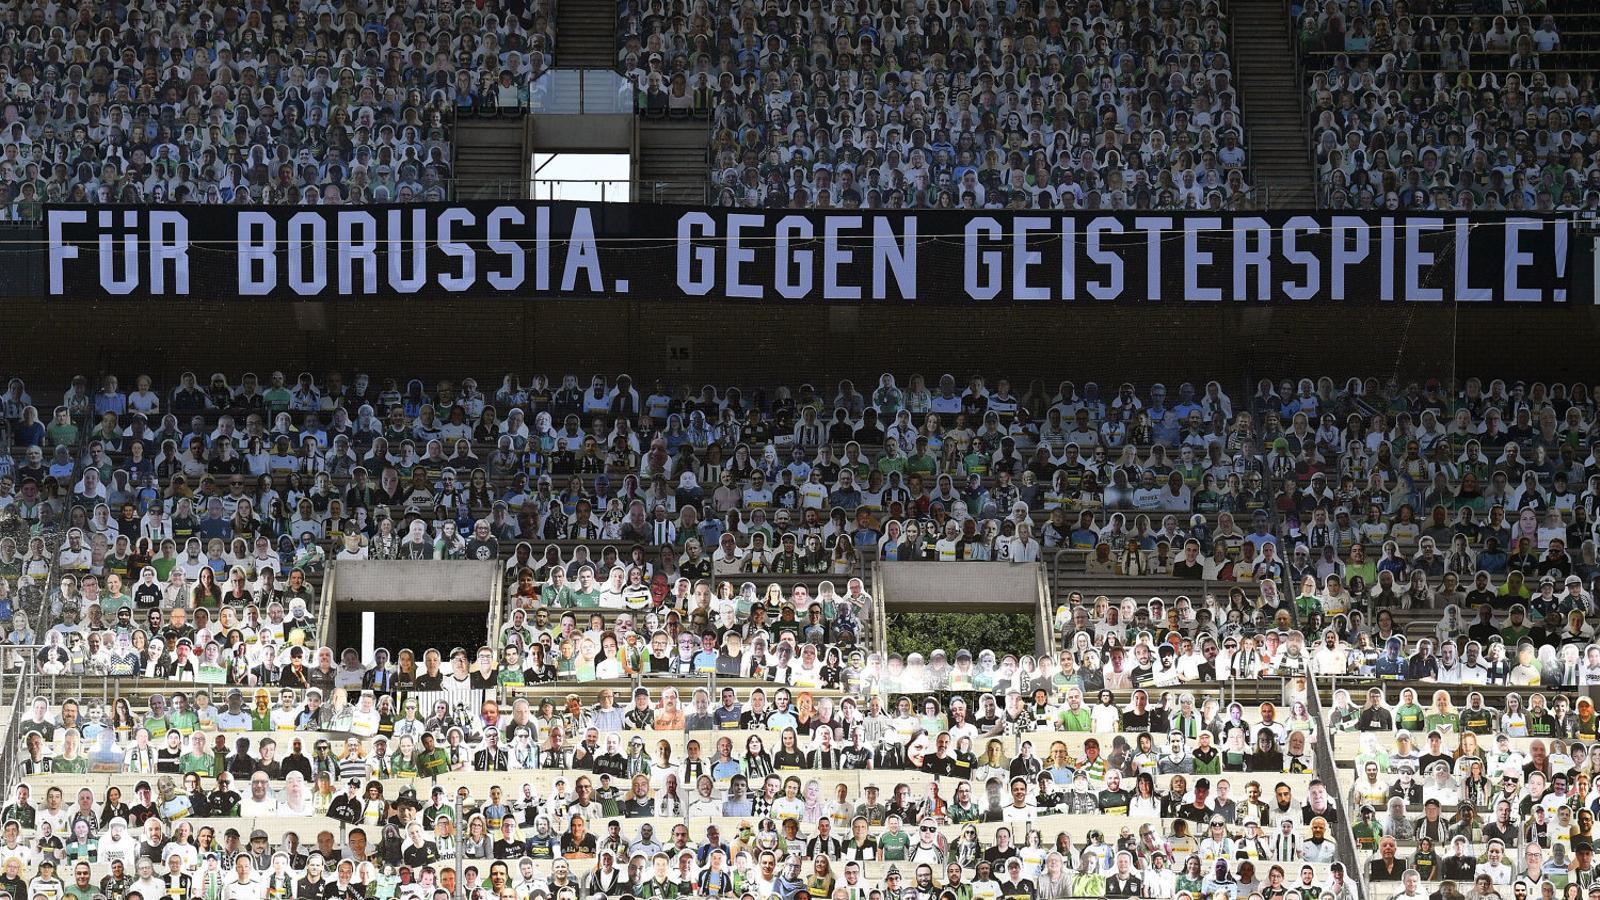 Una imatge de les graderies durant el partit entre el Borussia Mönchengladbach i el FC Union Berlín.